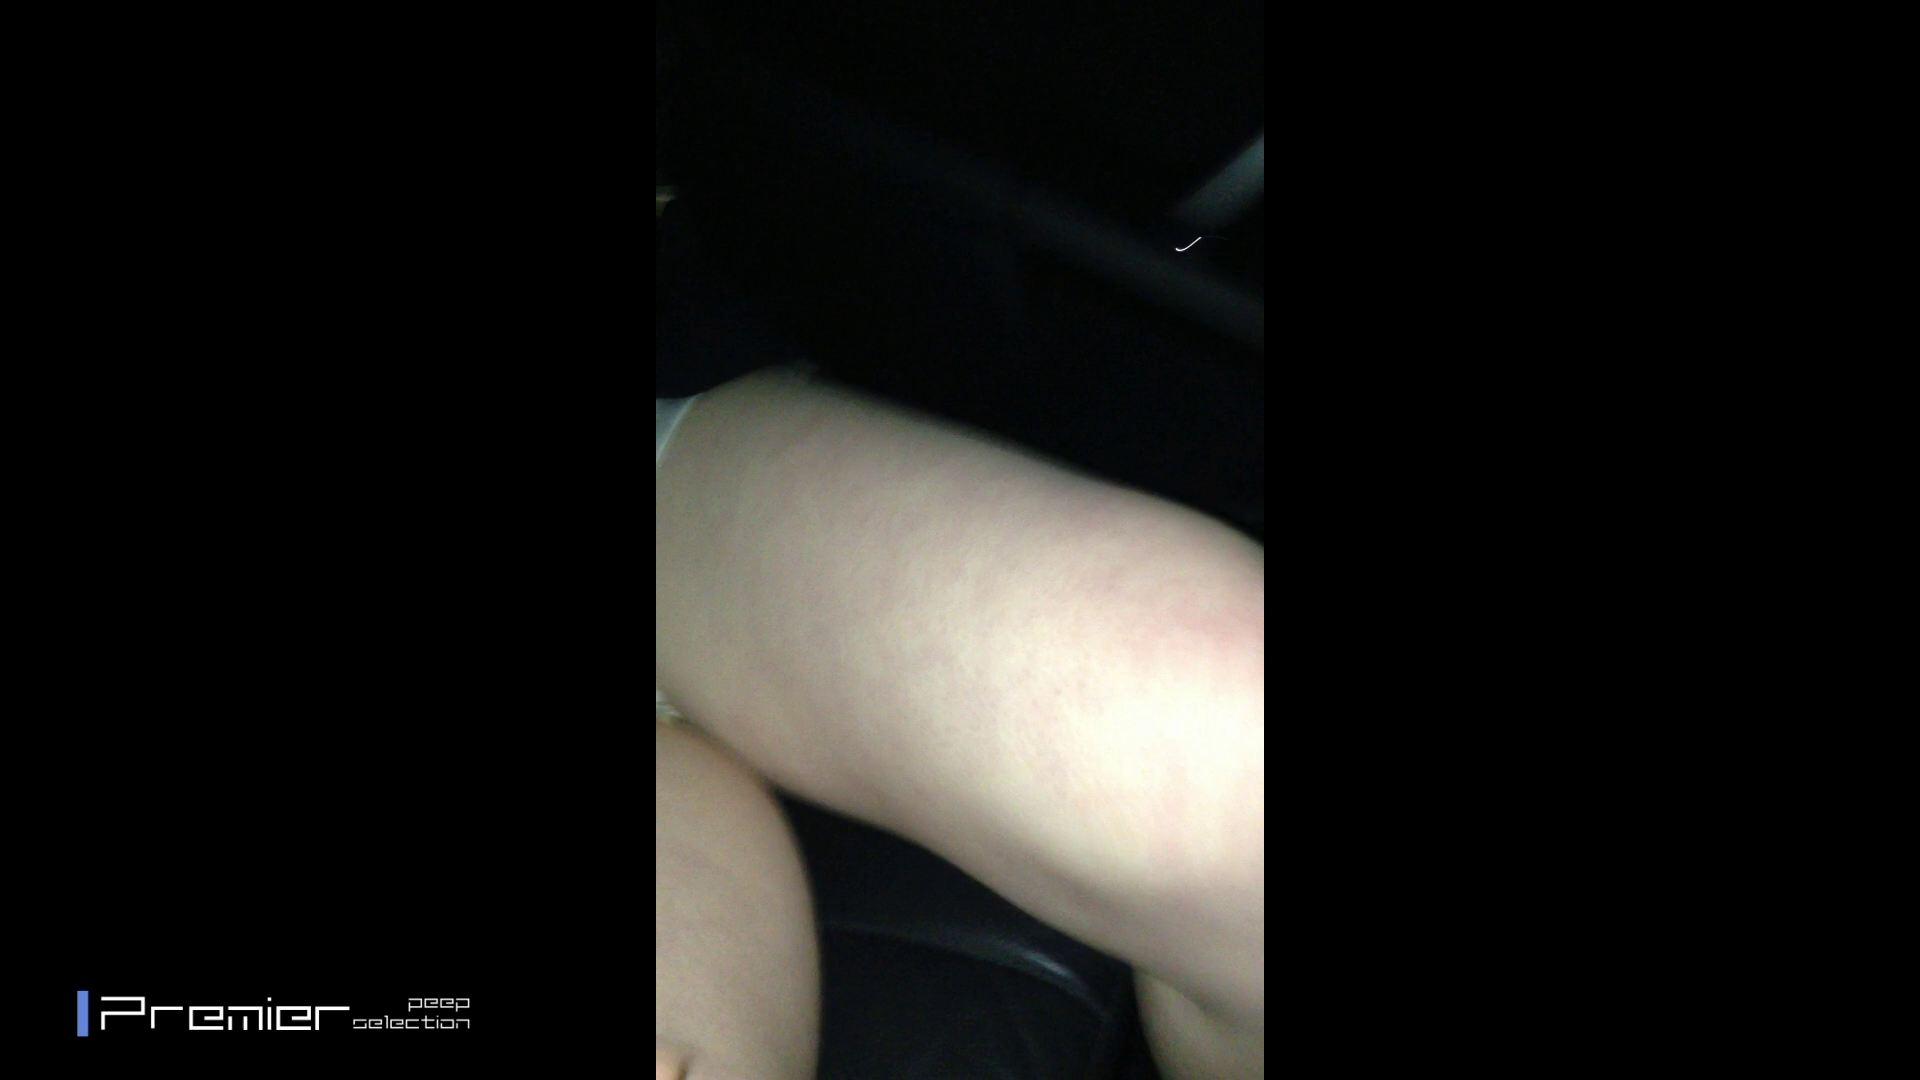 【ガチ交渉】20 歳の清楚系女子大生のアソコを弄る 潜入エロ調査   女子大生達のヌード  94連発 45